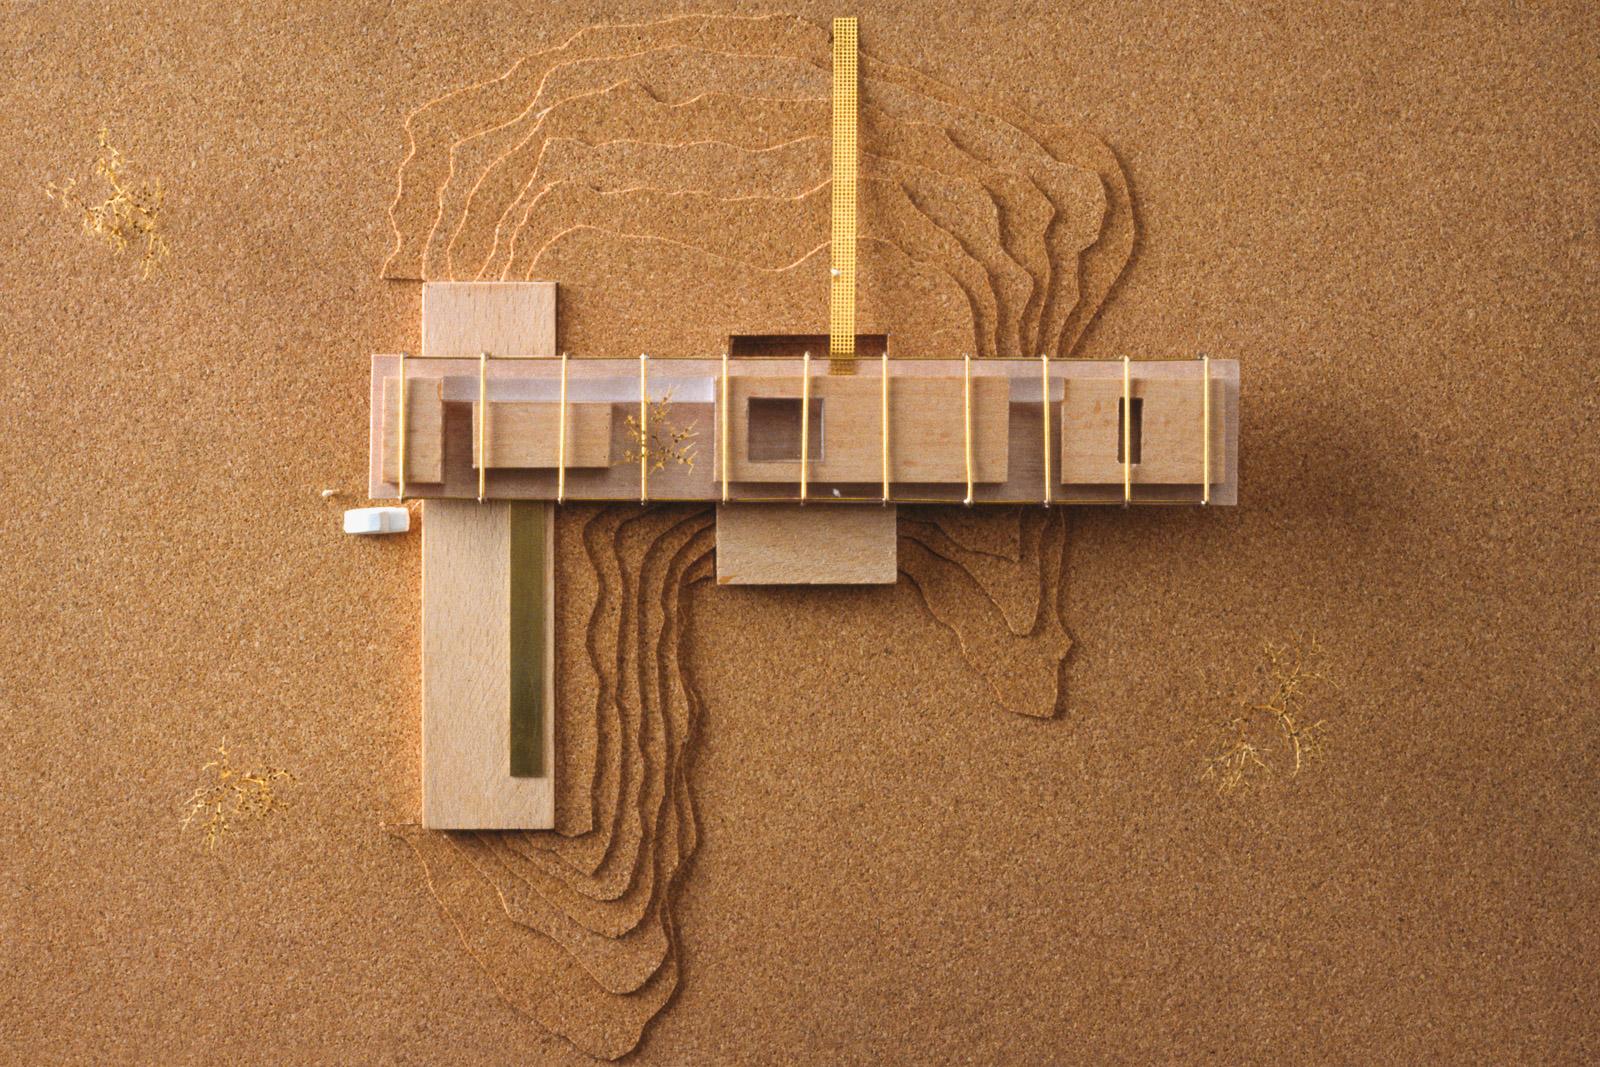 design / ontwerp: Architect Erwin Kleinsman